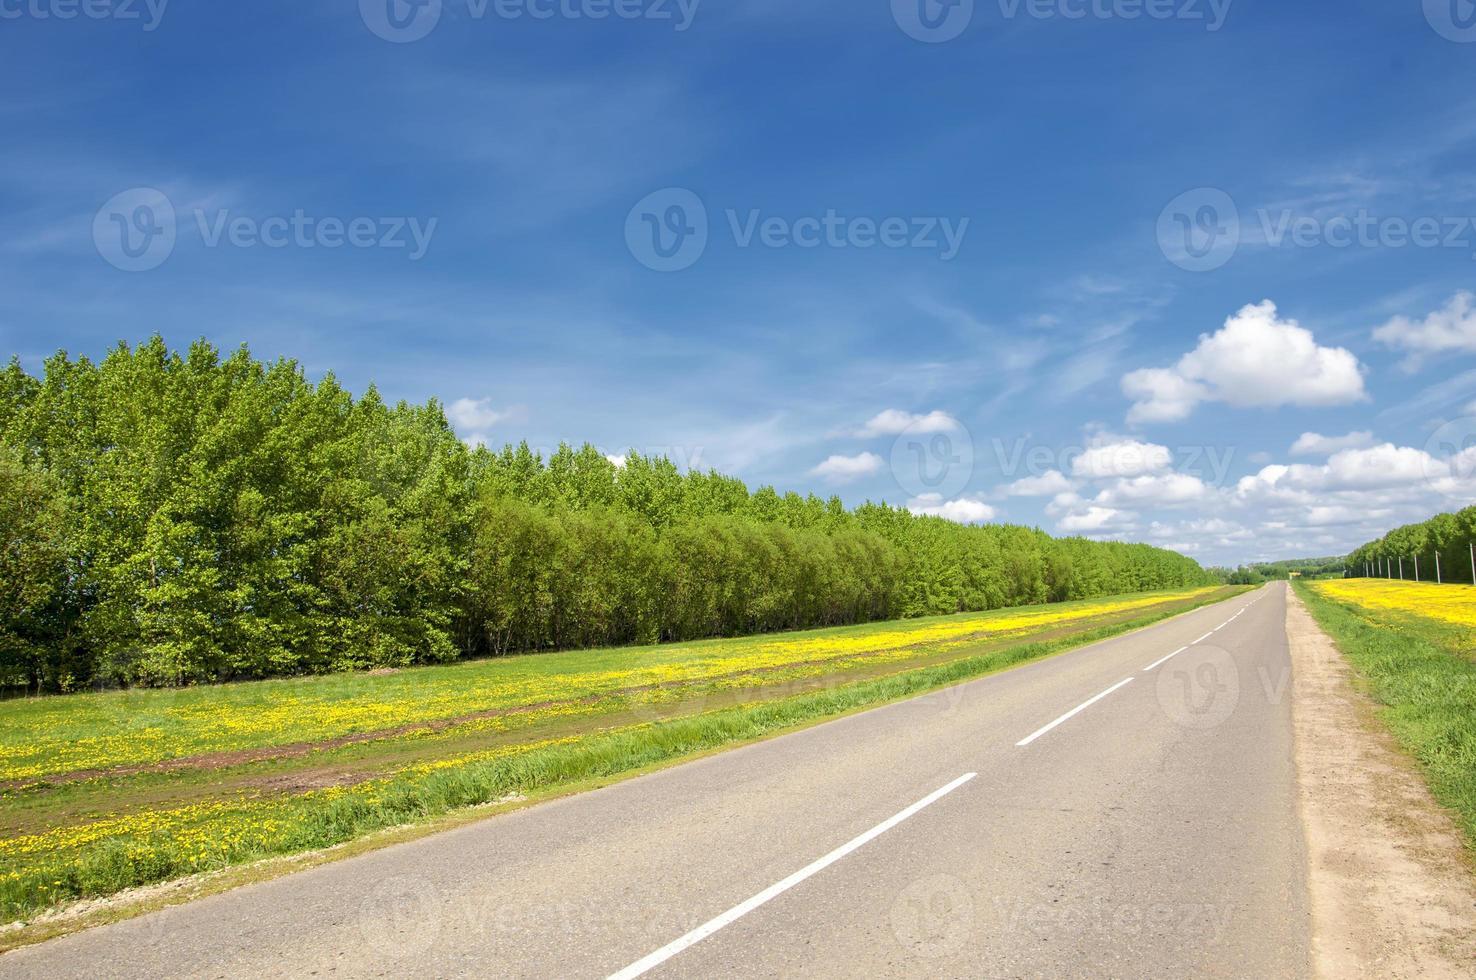 camino rural. camino en otoño foto